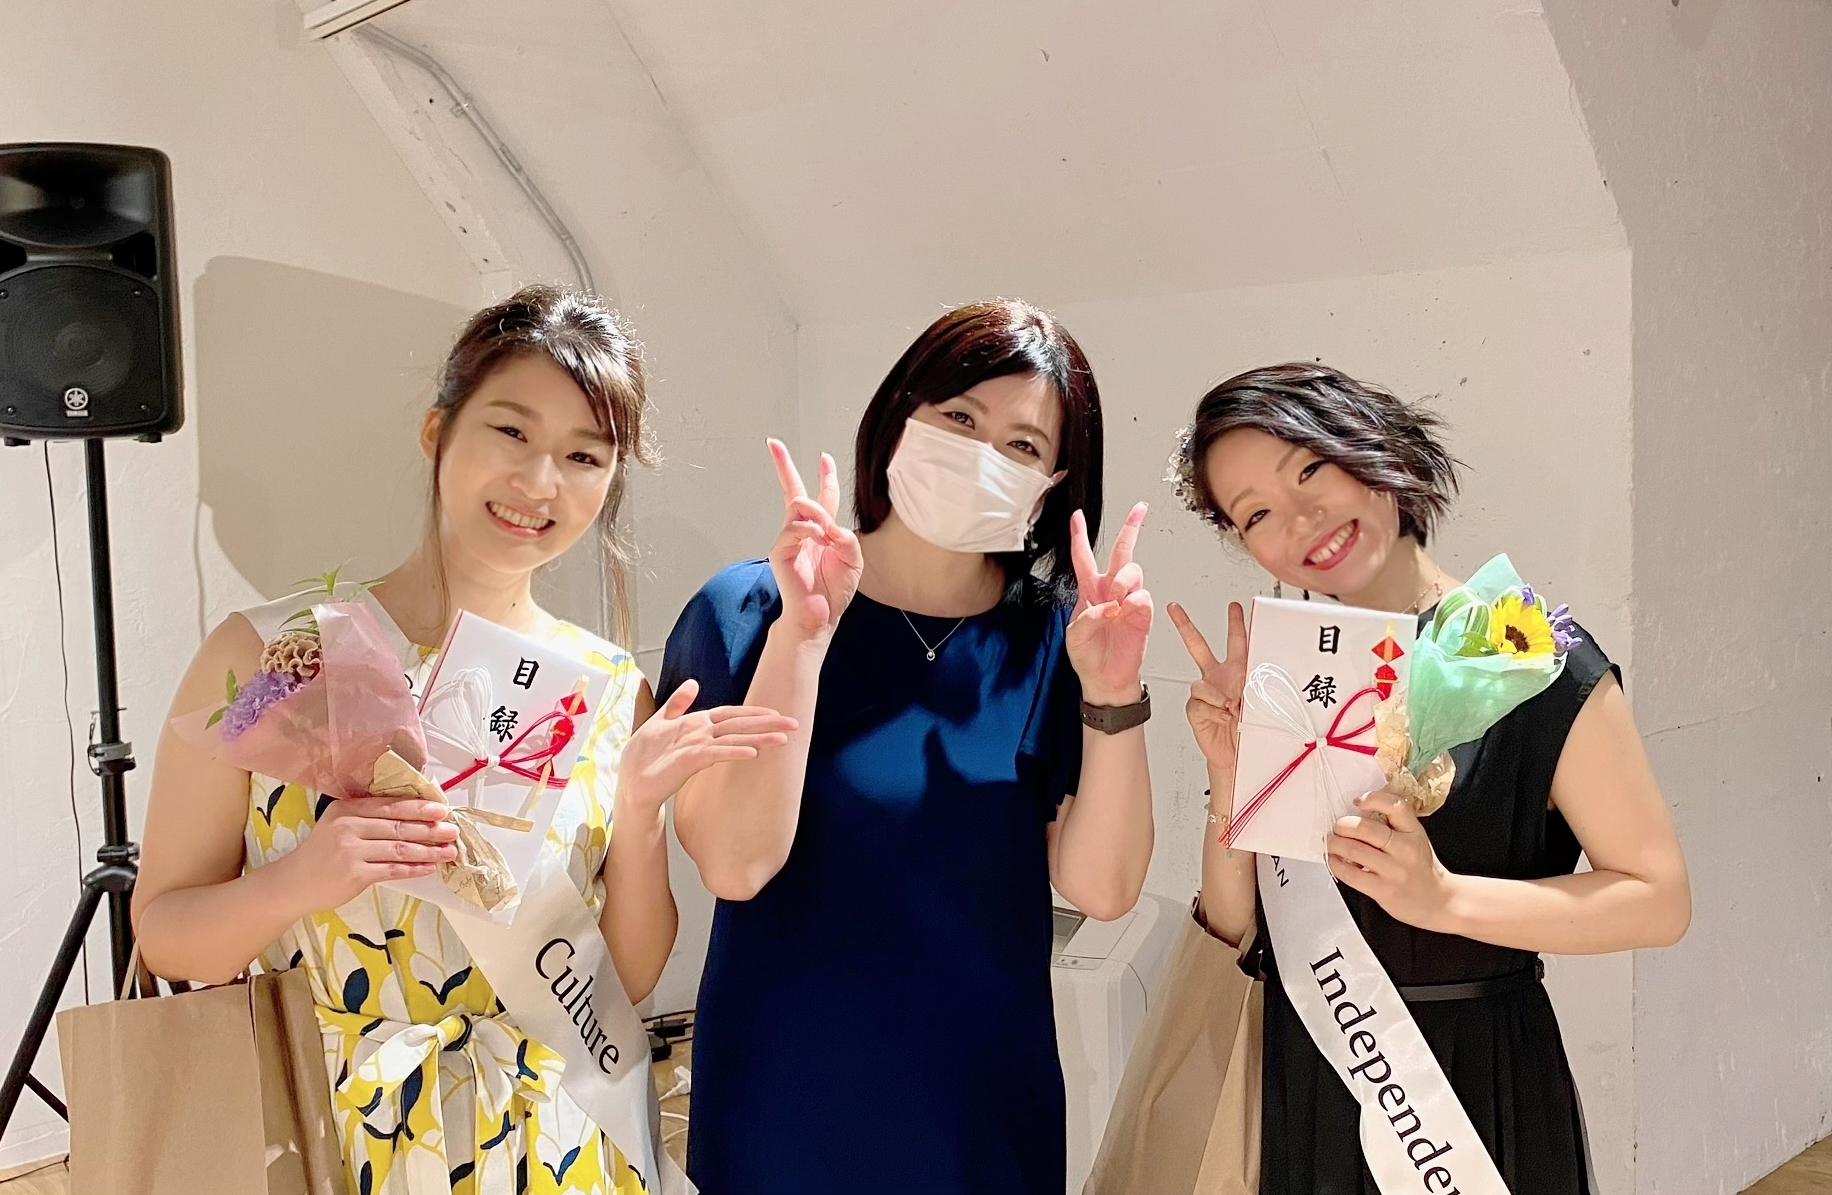 ビューティージャパン神奈川大会(ブルーコンパスは審査員を担当しました)